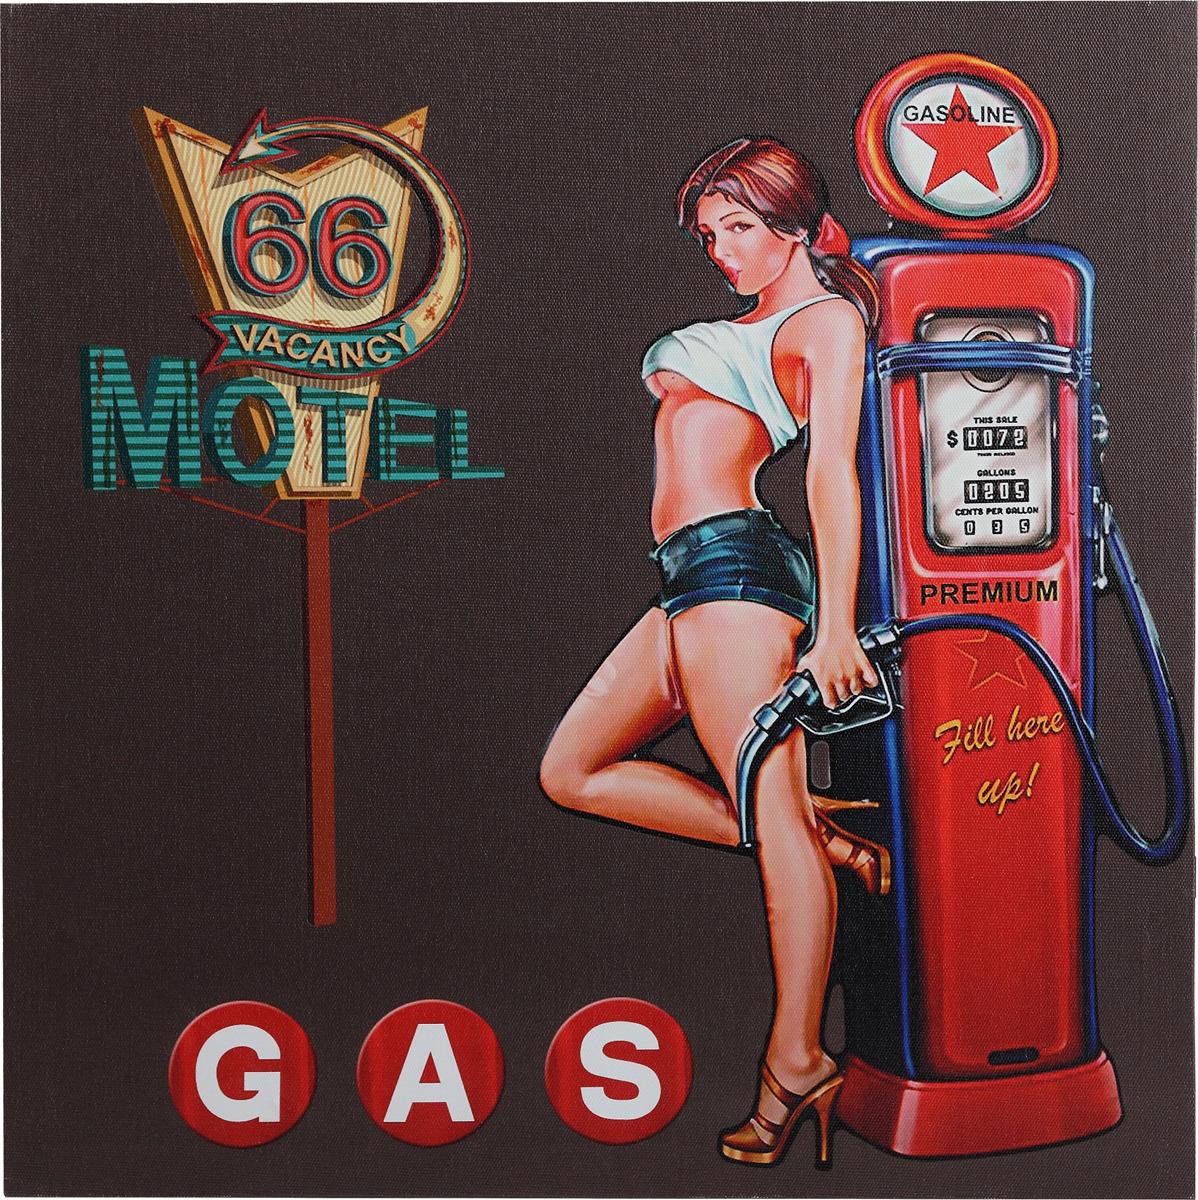 Канвас Innova LED Canvas Pin Up Girl Gasoline, с LED подсветкой цена